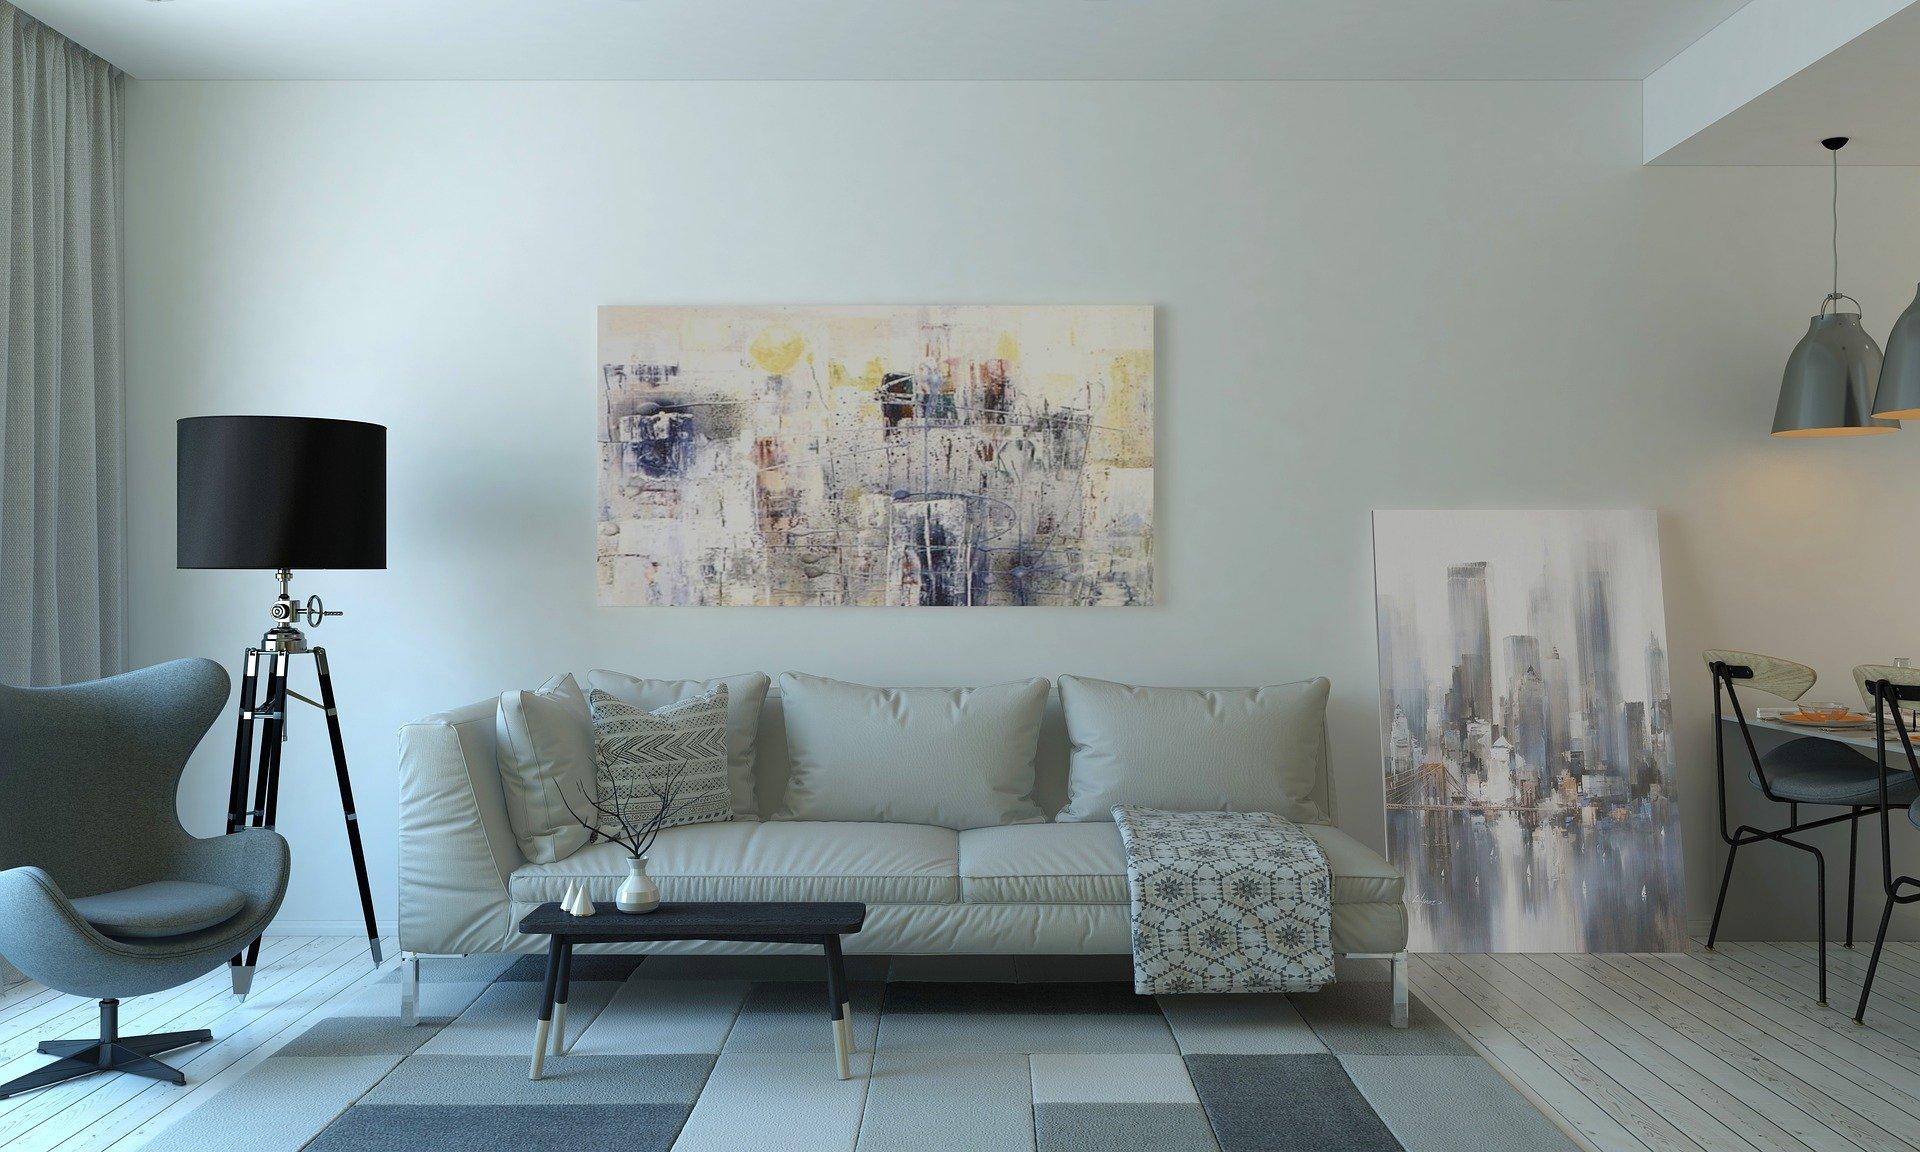 living-room-1835923_1920.jpg